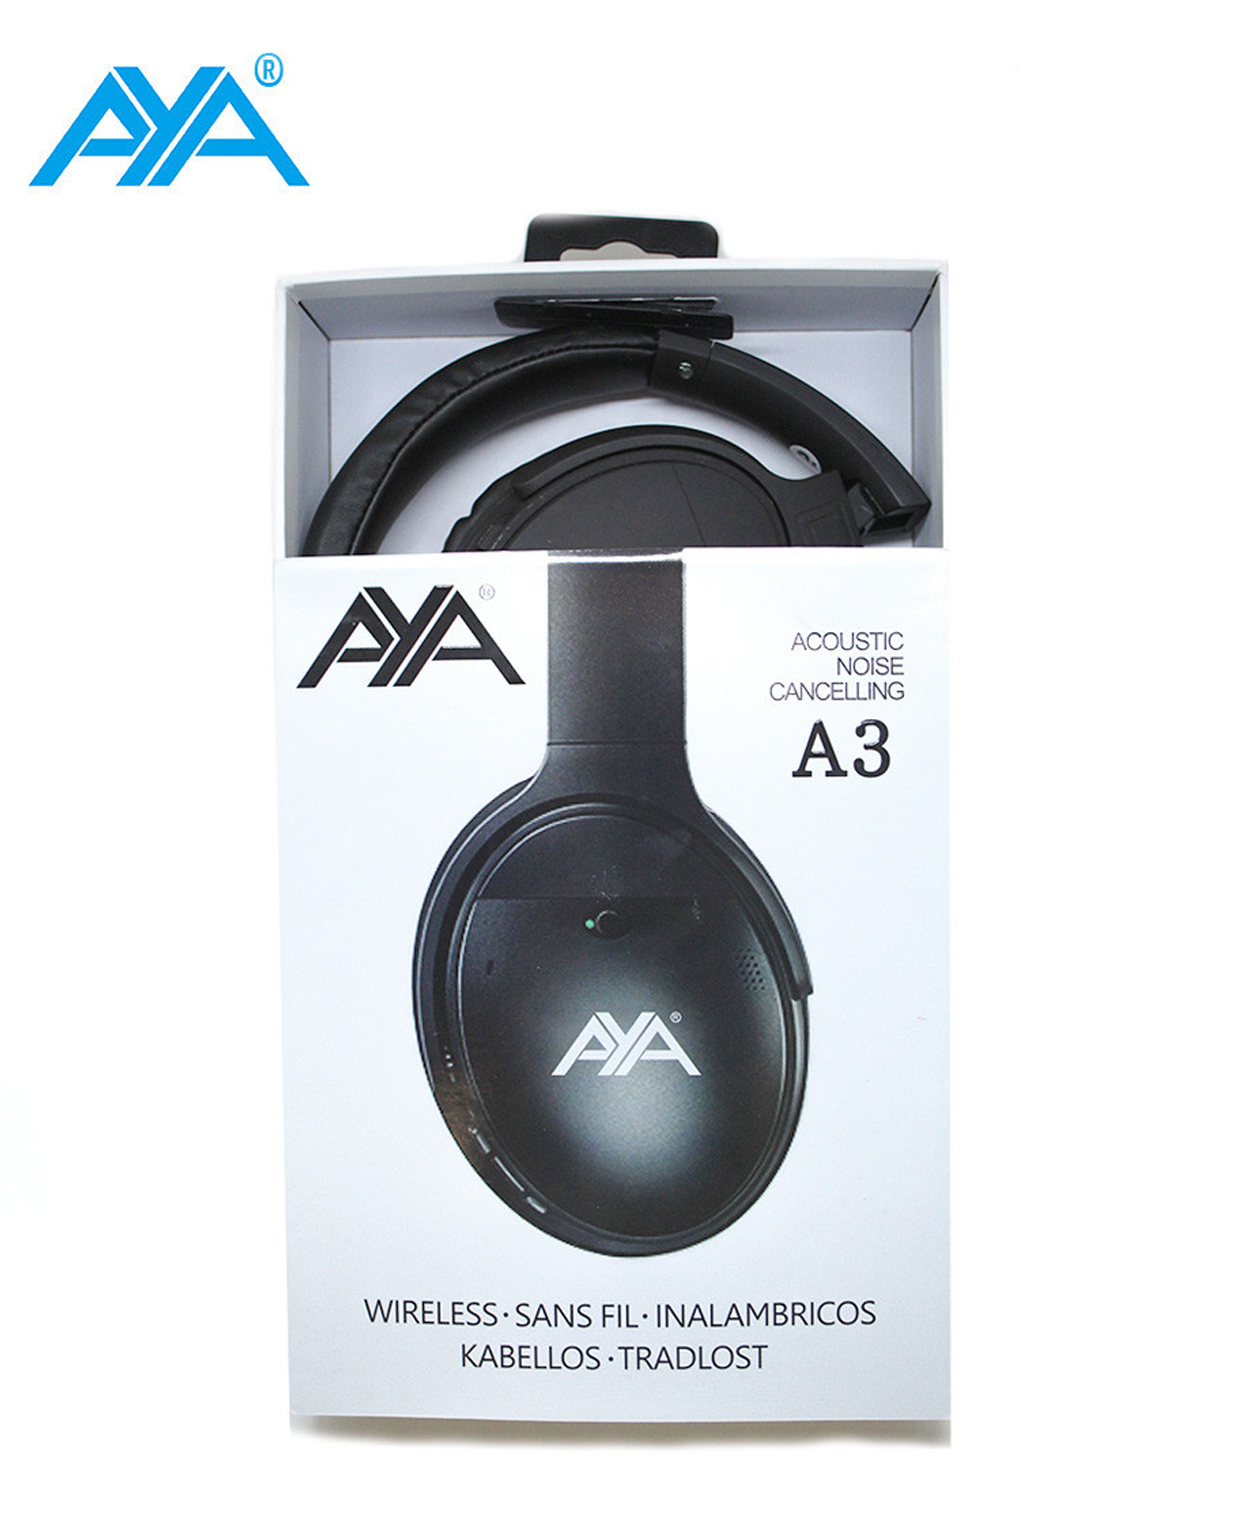 Casque Bluetooth Aya A3 SANS FIL - AYA